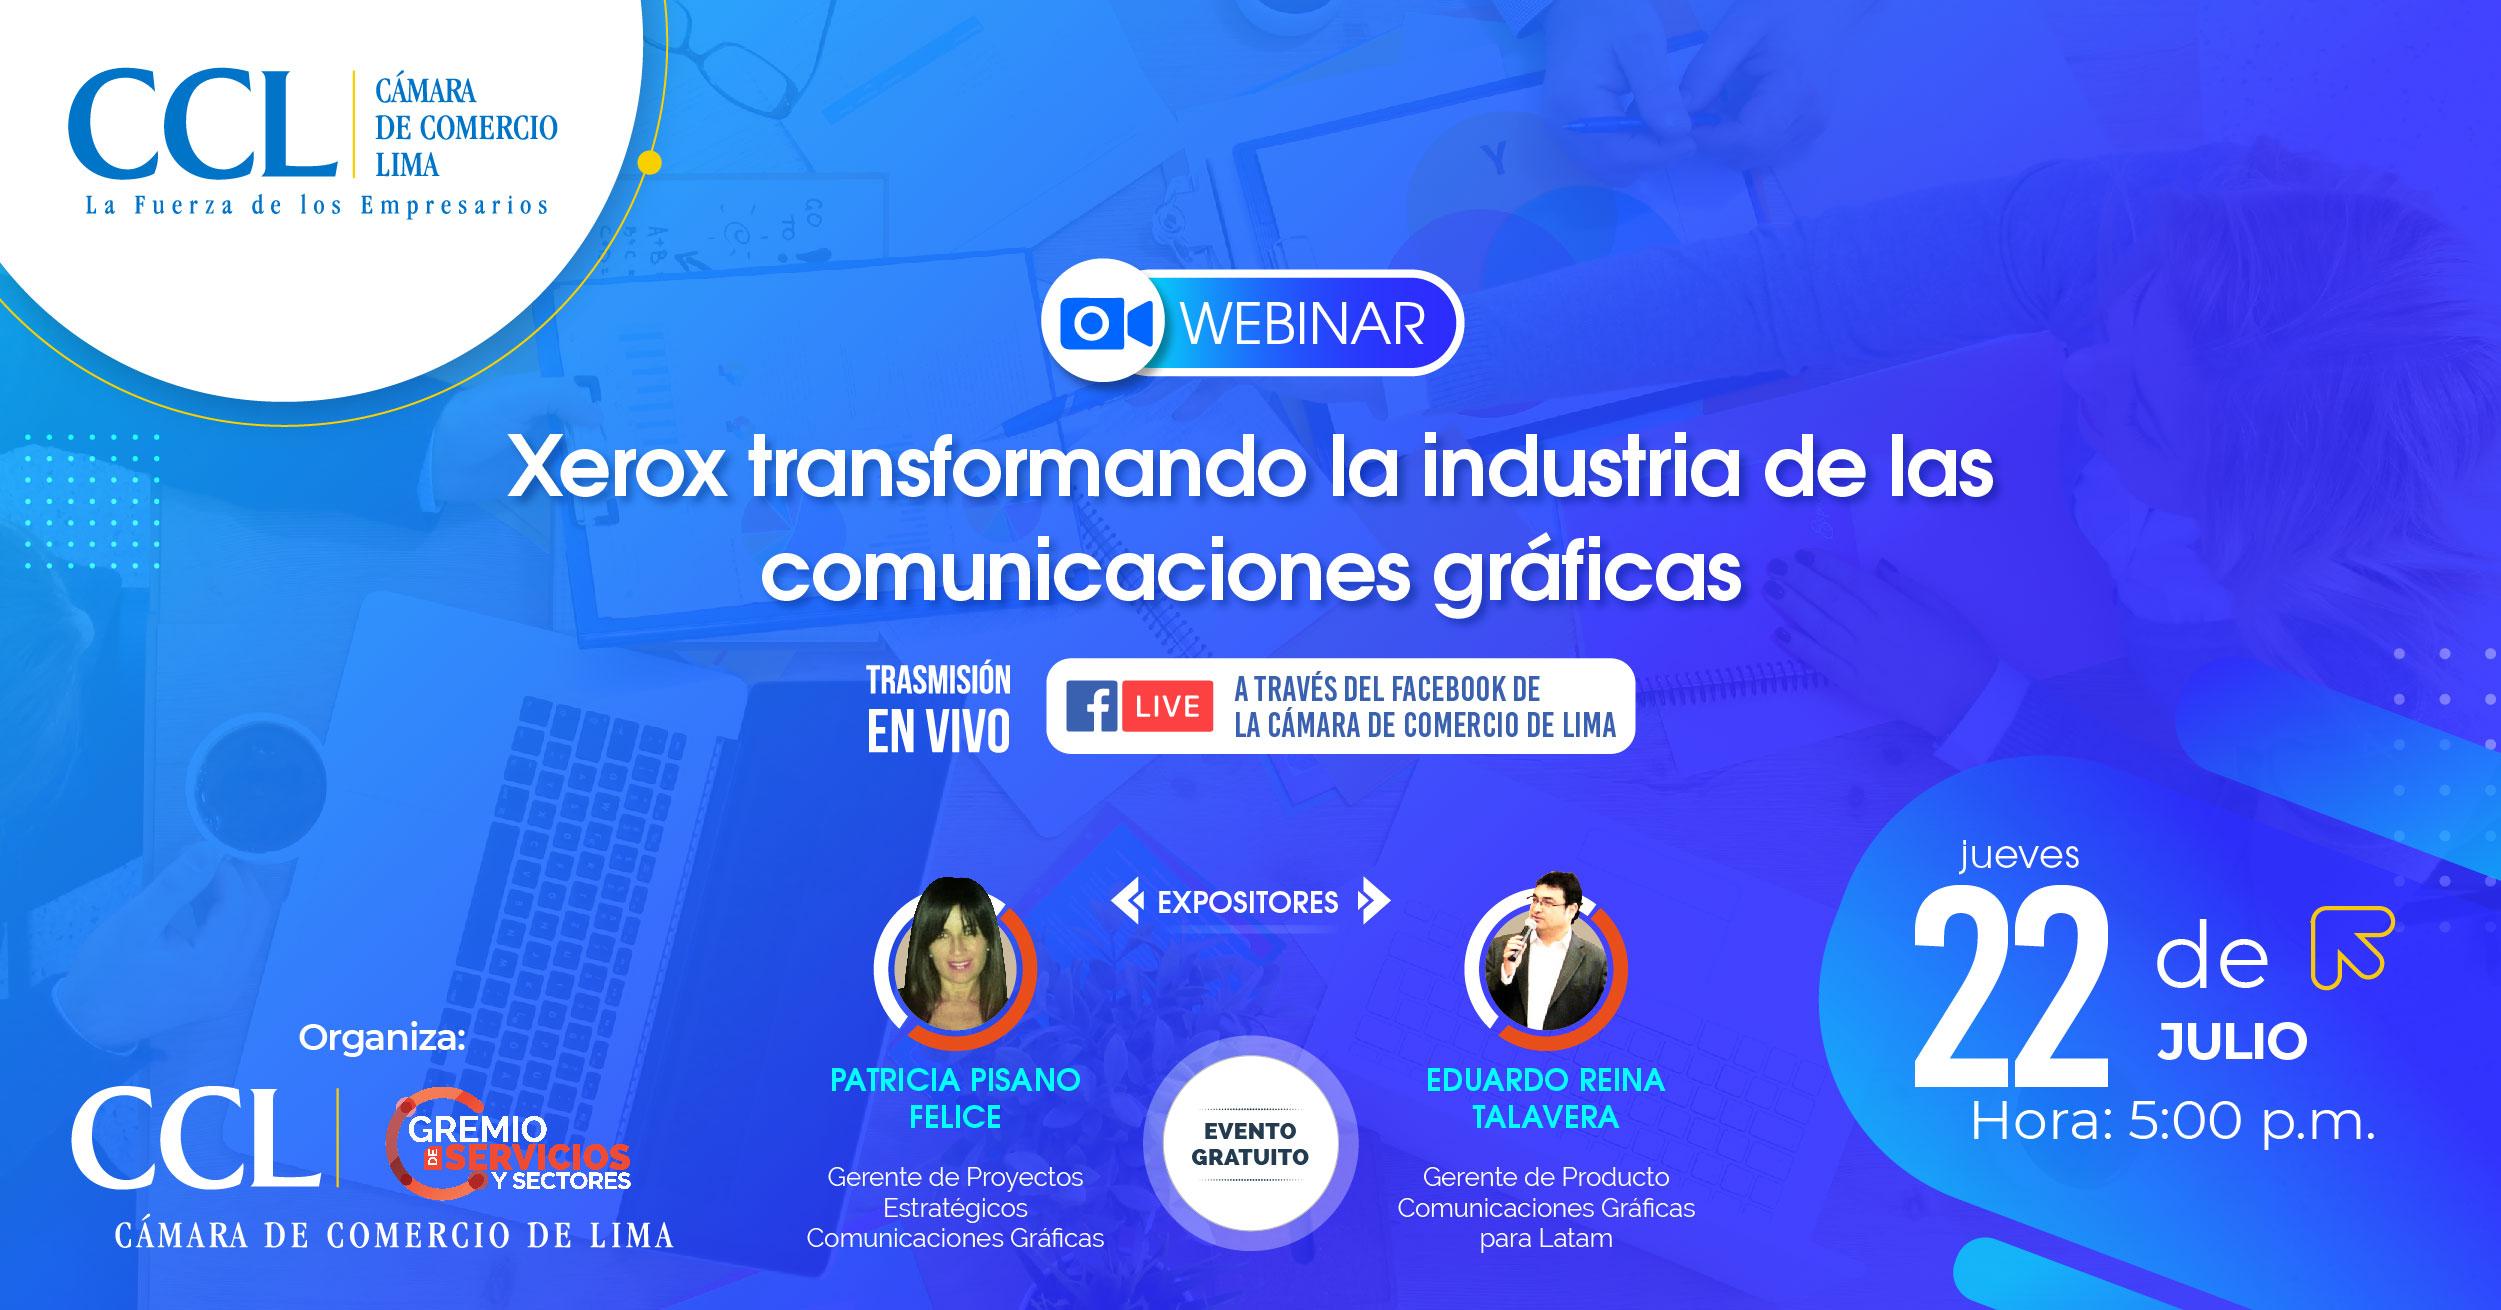 XEROX TRANSFORMANDO LA INDUSTRIA DE LAS COMUNICACIONES GRÁFICAS